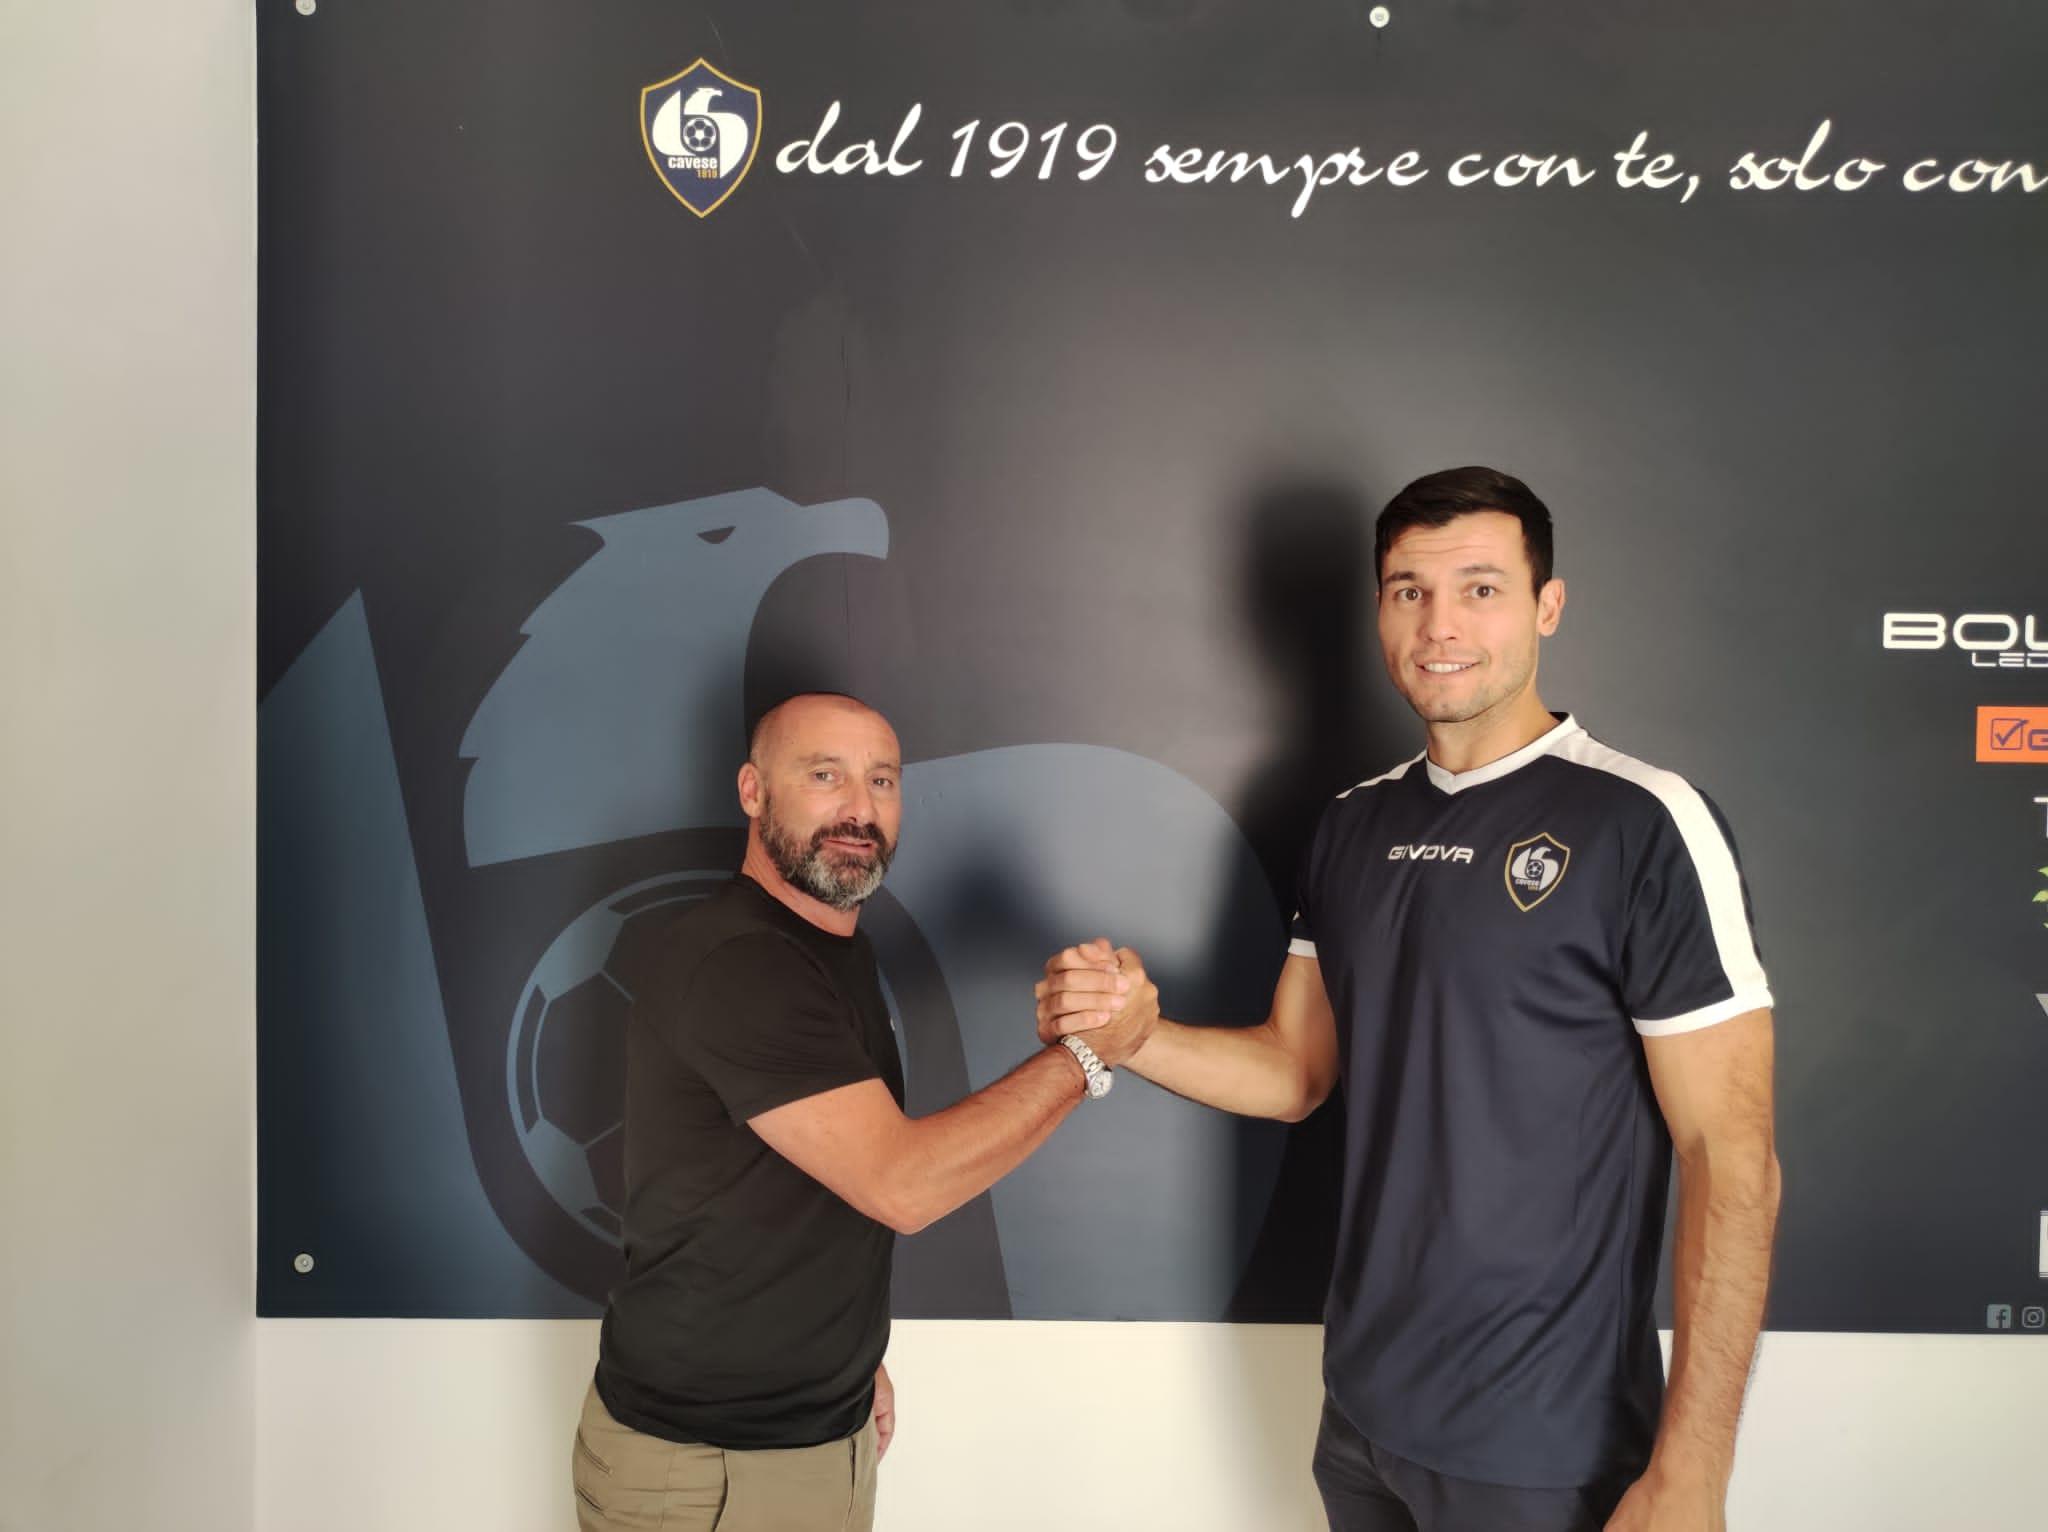 El delantero centro Augusto José 'Tato' Díaz refuerza la delantera del Cavese 1919, equipo que milita en la SerieD-I.